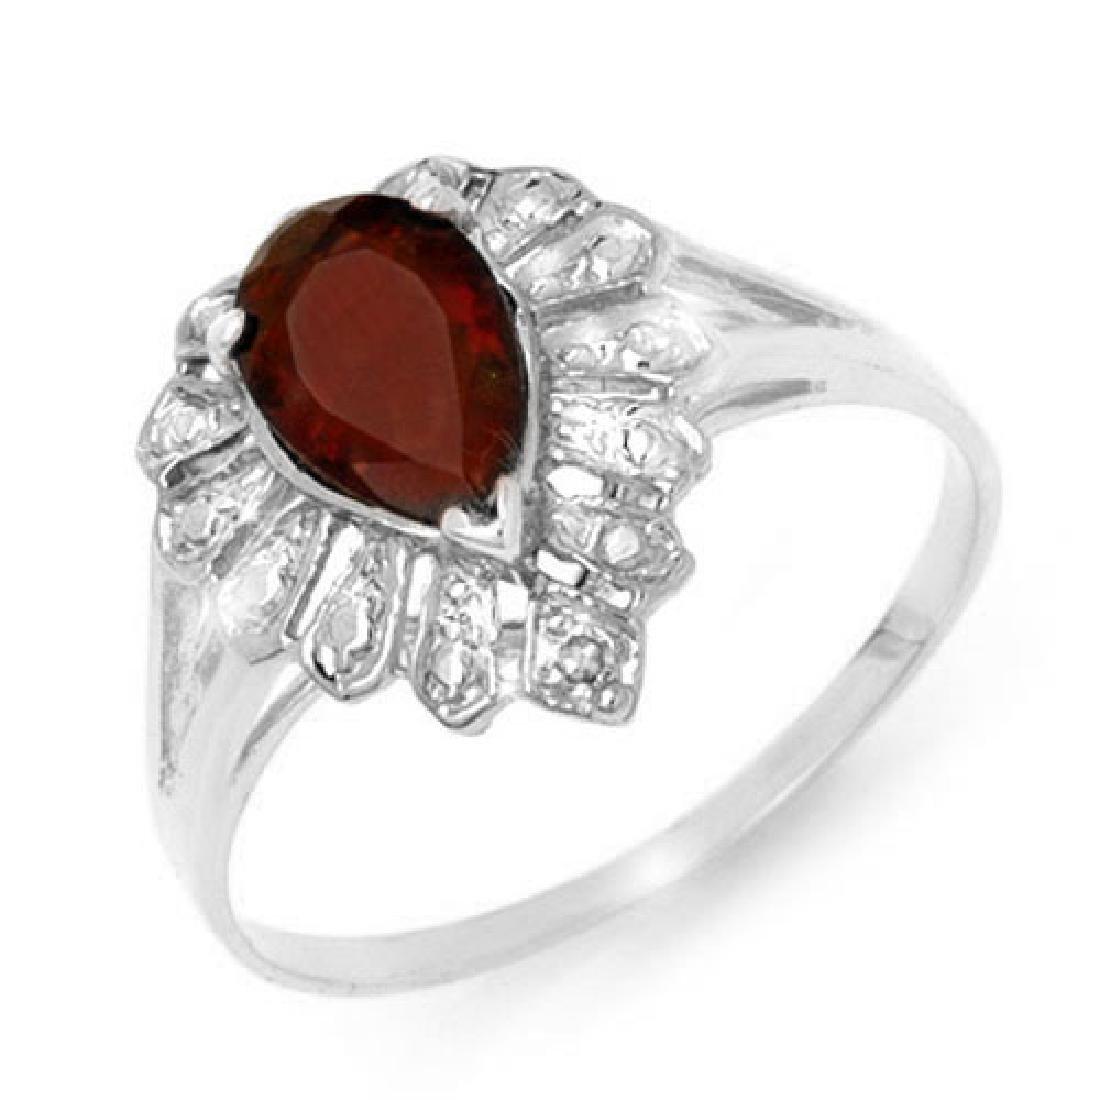 1.11 CTW Garnet & Diamond Ring 18K White Gold